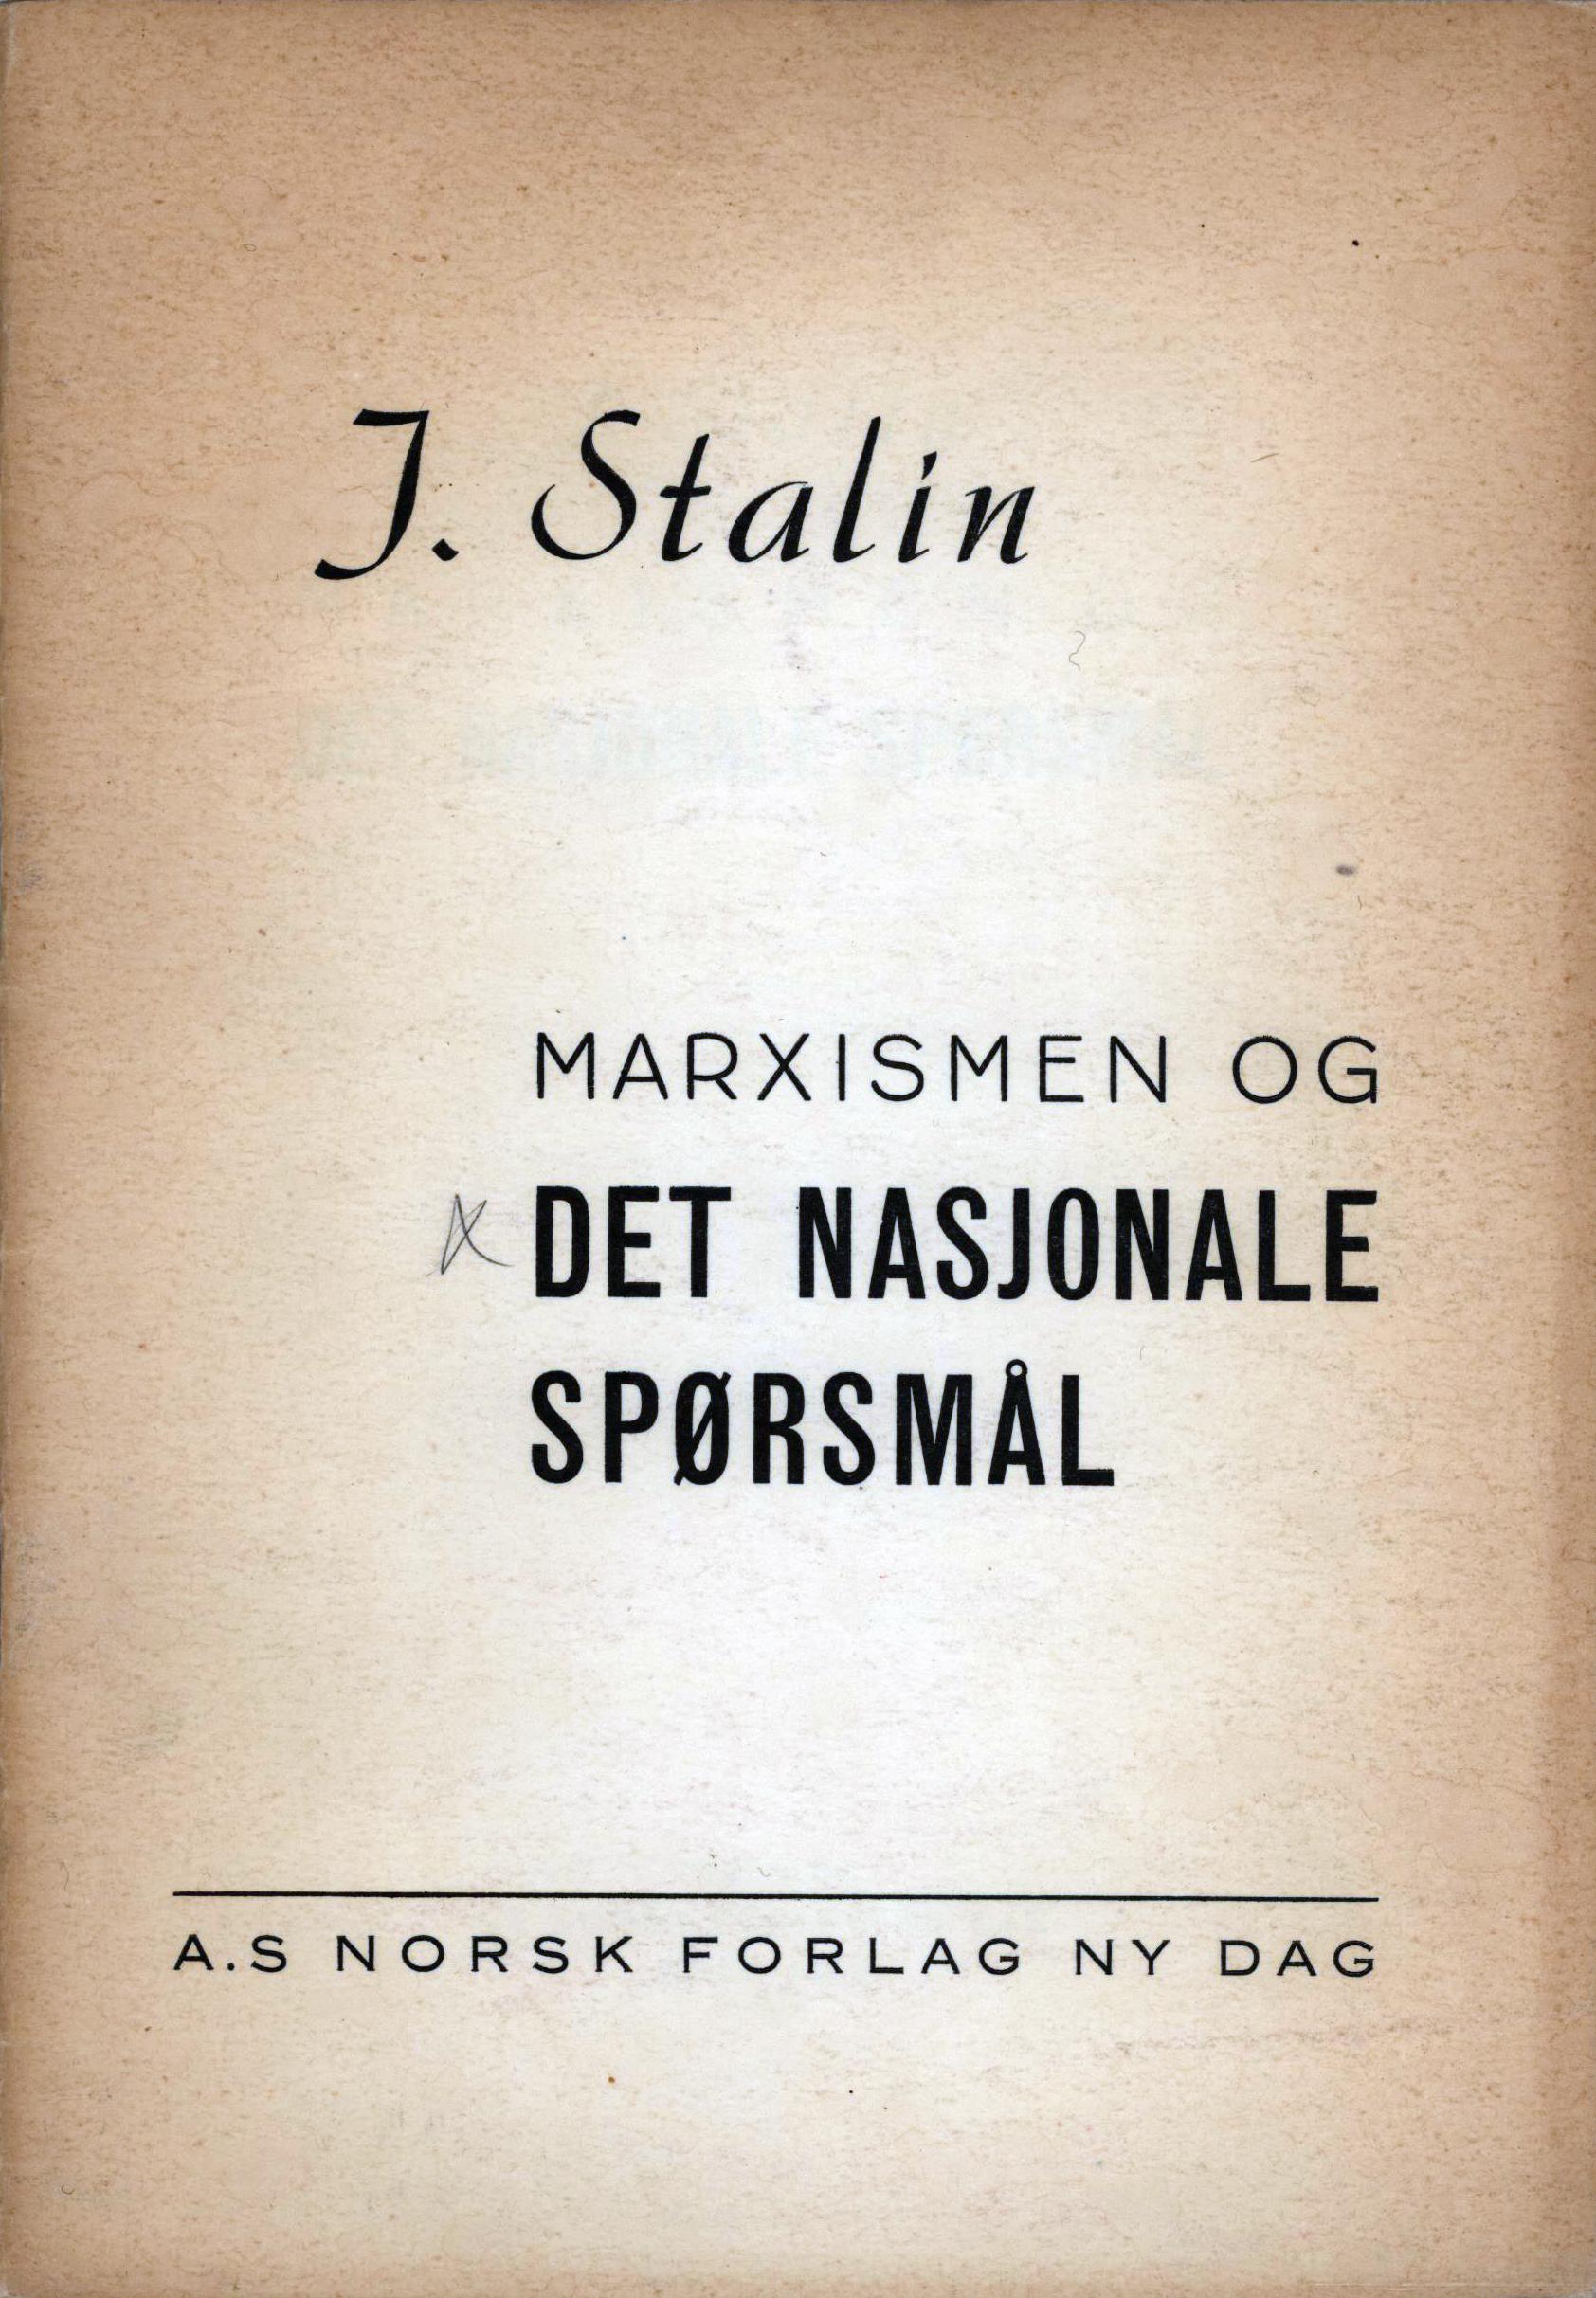 Josef Stalin: Marxismen og det nasjonale spørsmål